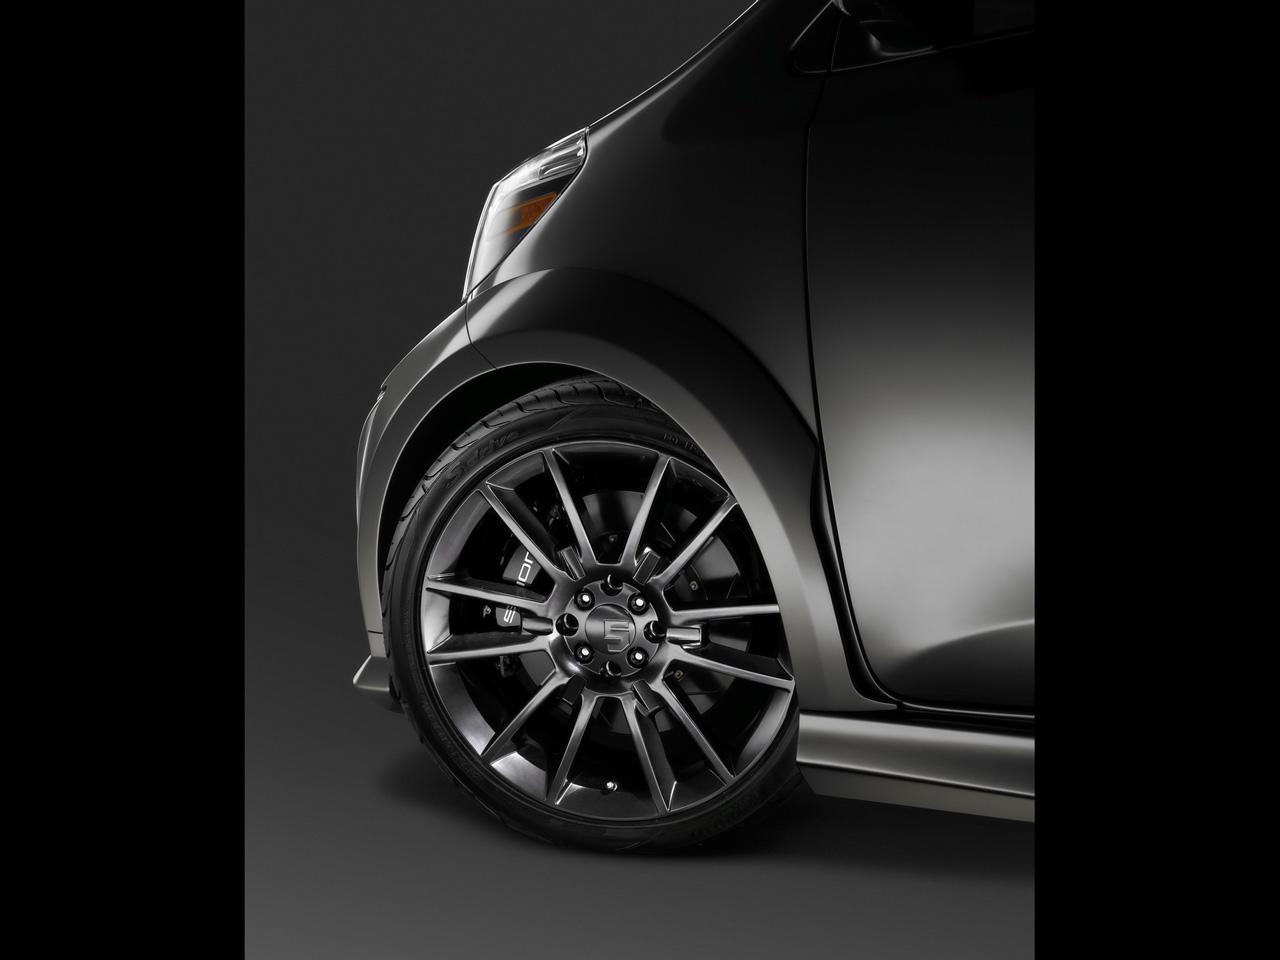 http://2.bp.blogspot.com/_x3kR7QRQA0s/S8E-nfYJrOI/AAAAAAAACCM/P41sqrqphRw/s1600/2011-Scion-IQ-Show-Car-by-Five-Axis-Wheel-1280x960.jpg